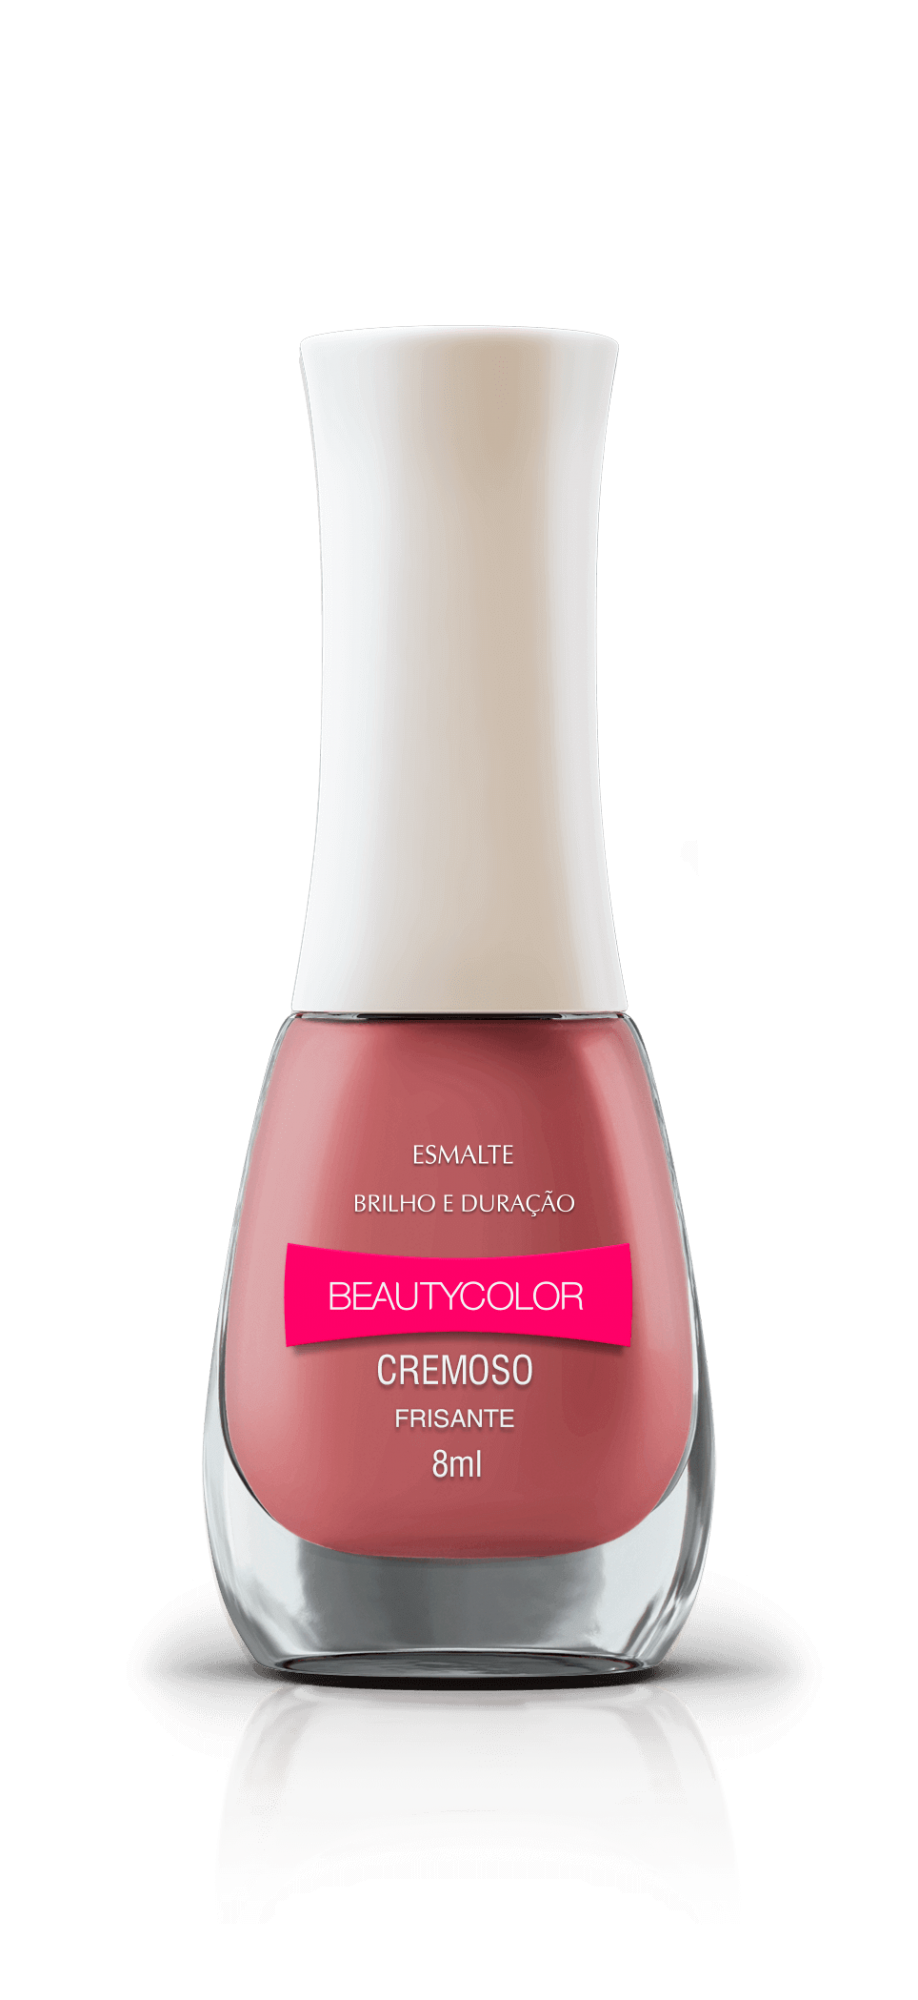 Frisante  - Esmalte Beautycolor